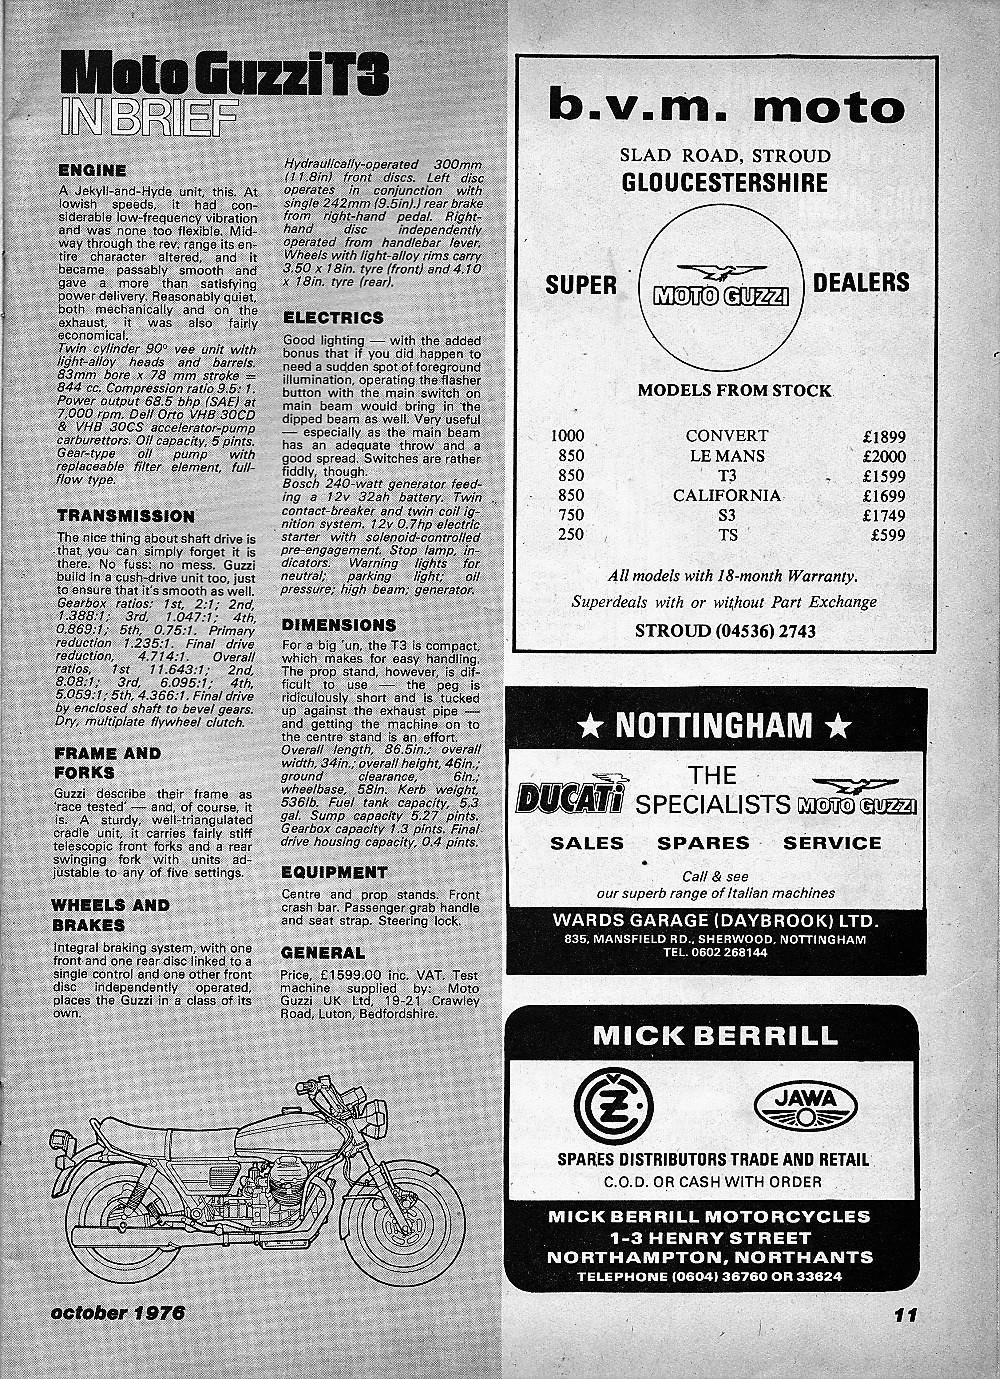 1976 Moto Guzzi T3 850 road test.4.jpg